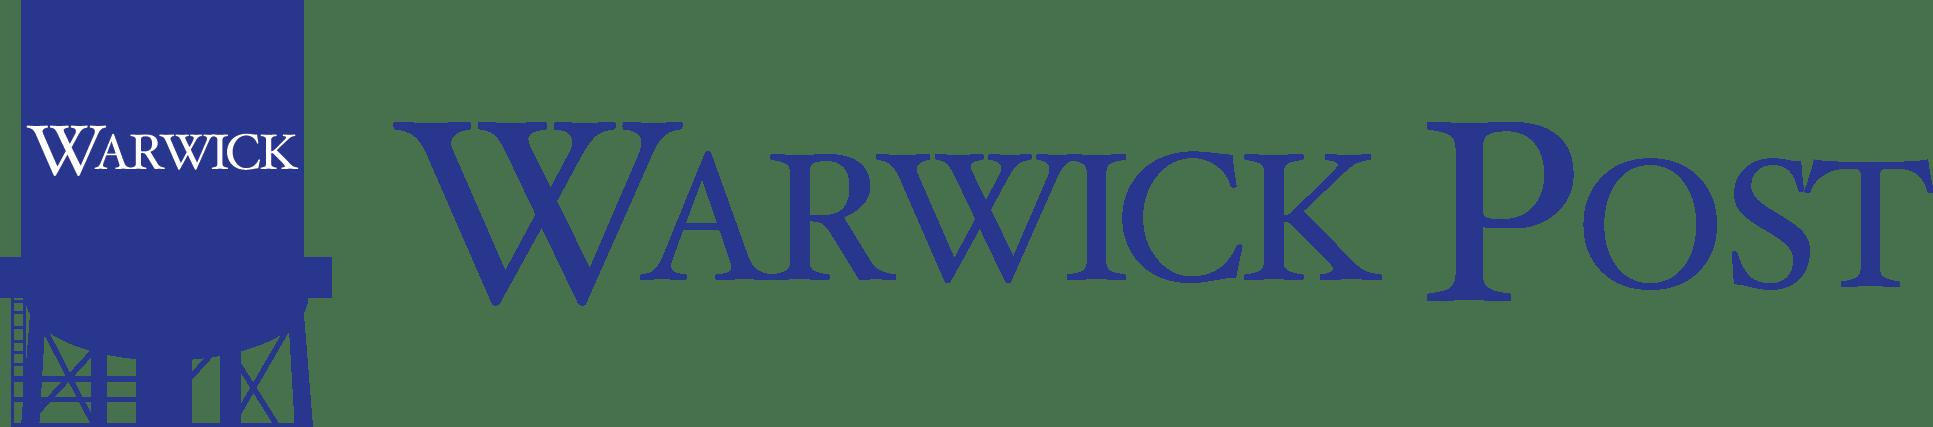 WarwickPost.com